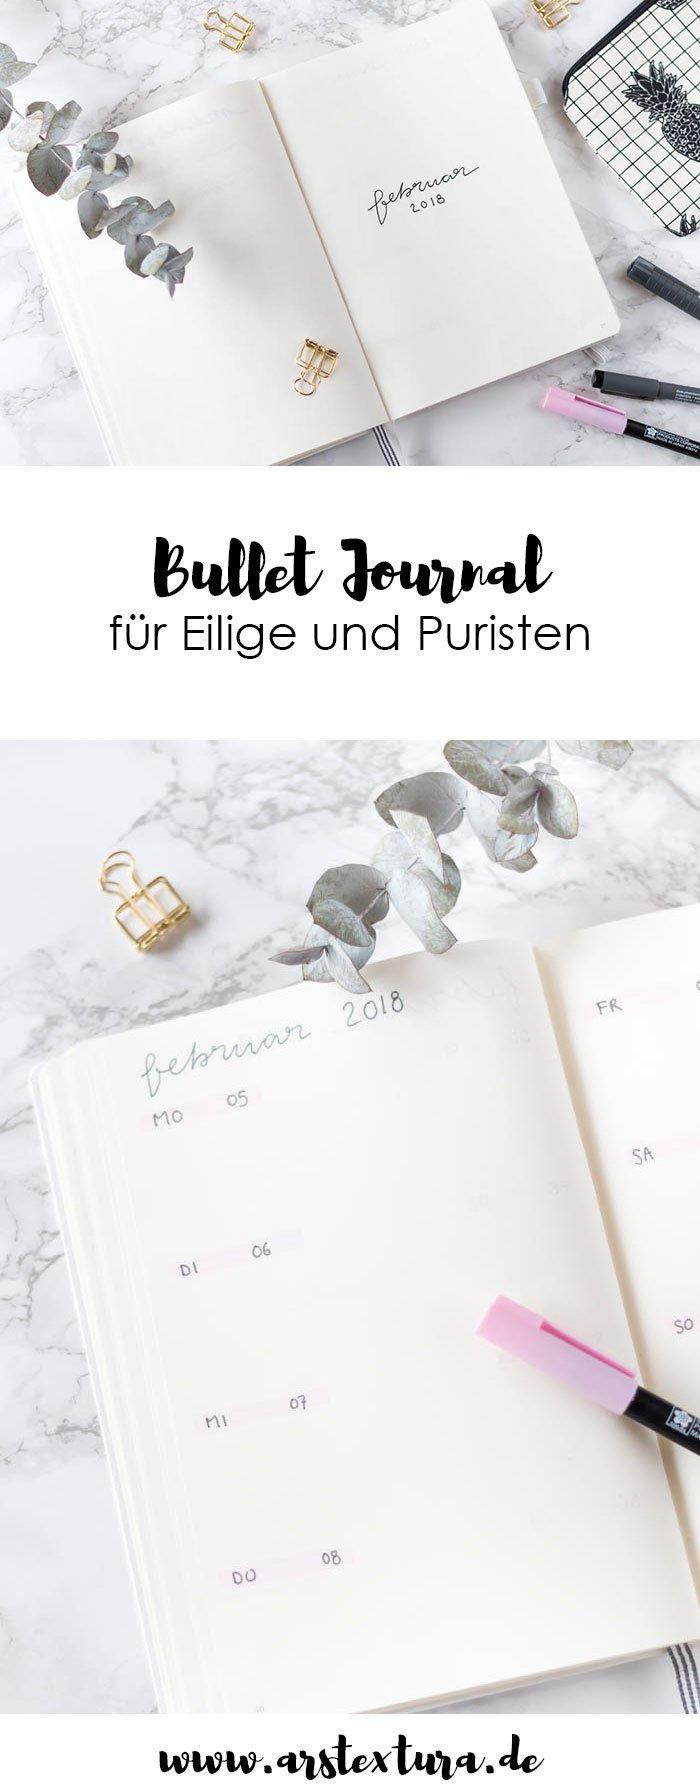 Bullet Journal mit Anleitung in weniger als 10 Minuten - einfaches Tagebuch gestalten | ars textura - DIY Blog